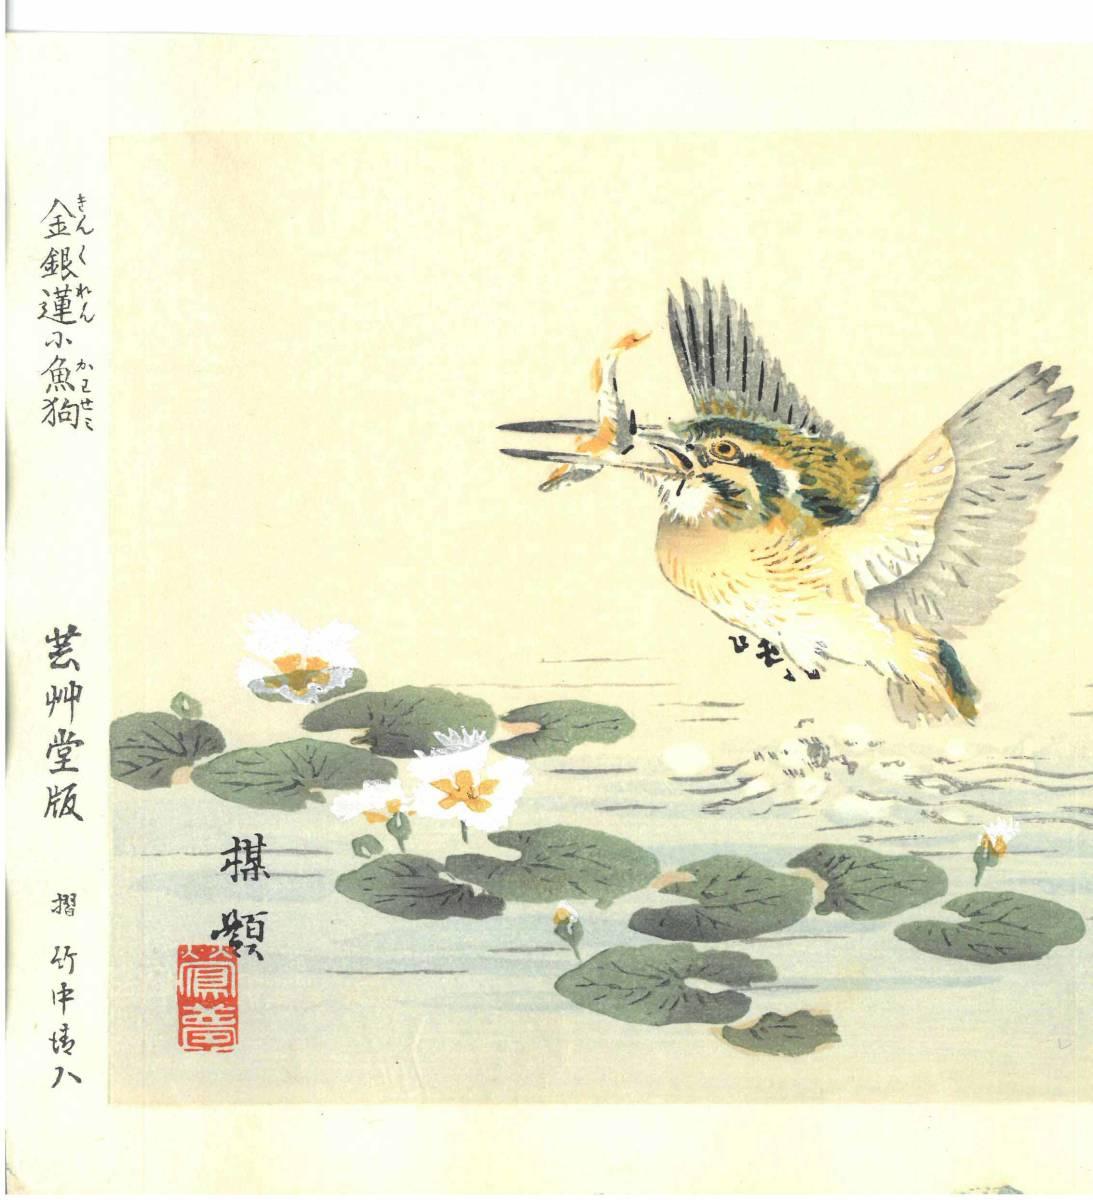 幸野楳嶺 (Kono Bairei) (1844~1895) 木版画 かわせみ 初版明治期~ 版元蔵出し作品! 京都の一流の摺師の技をご堪能下さい。_画像3